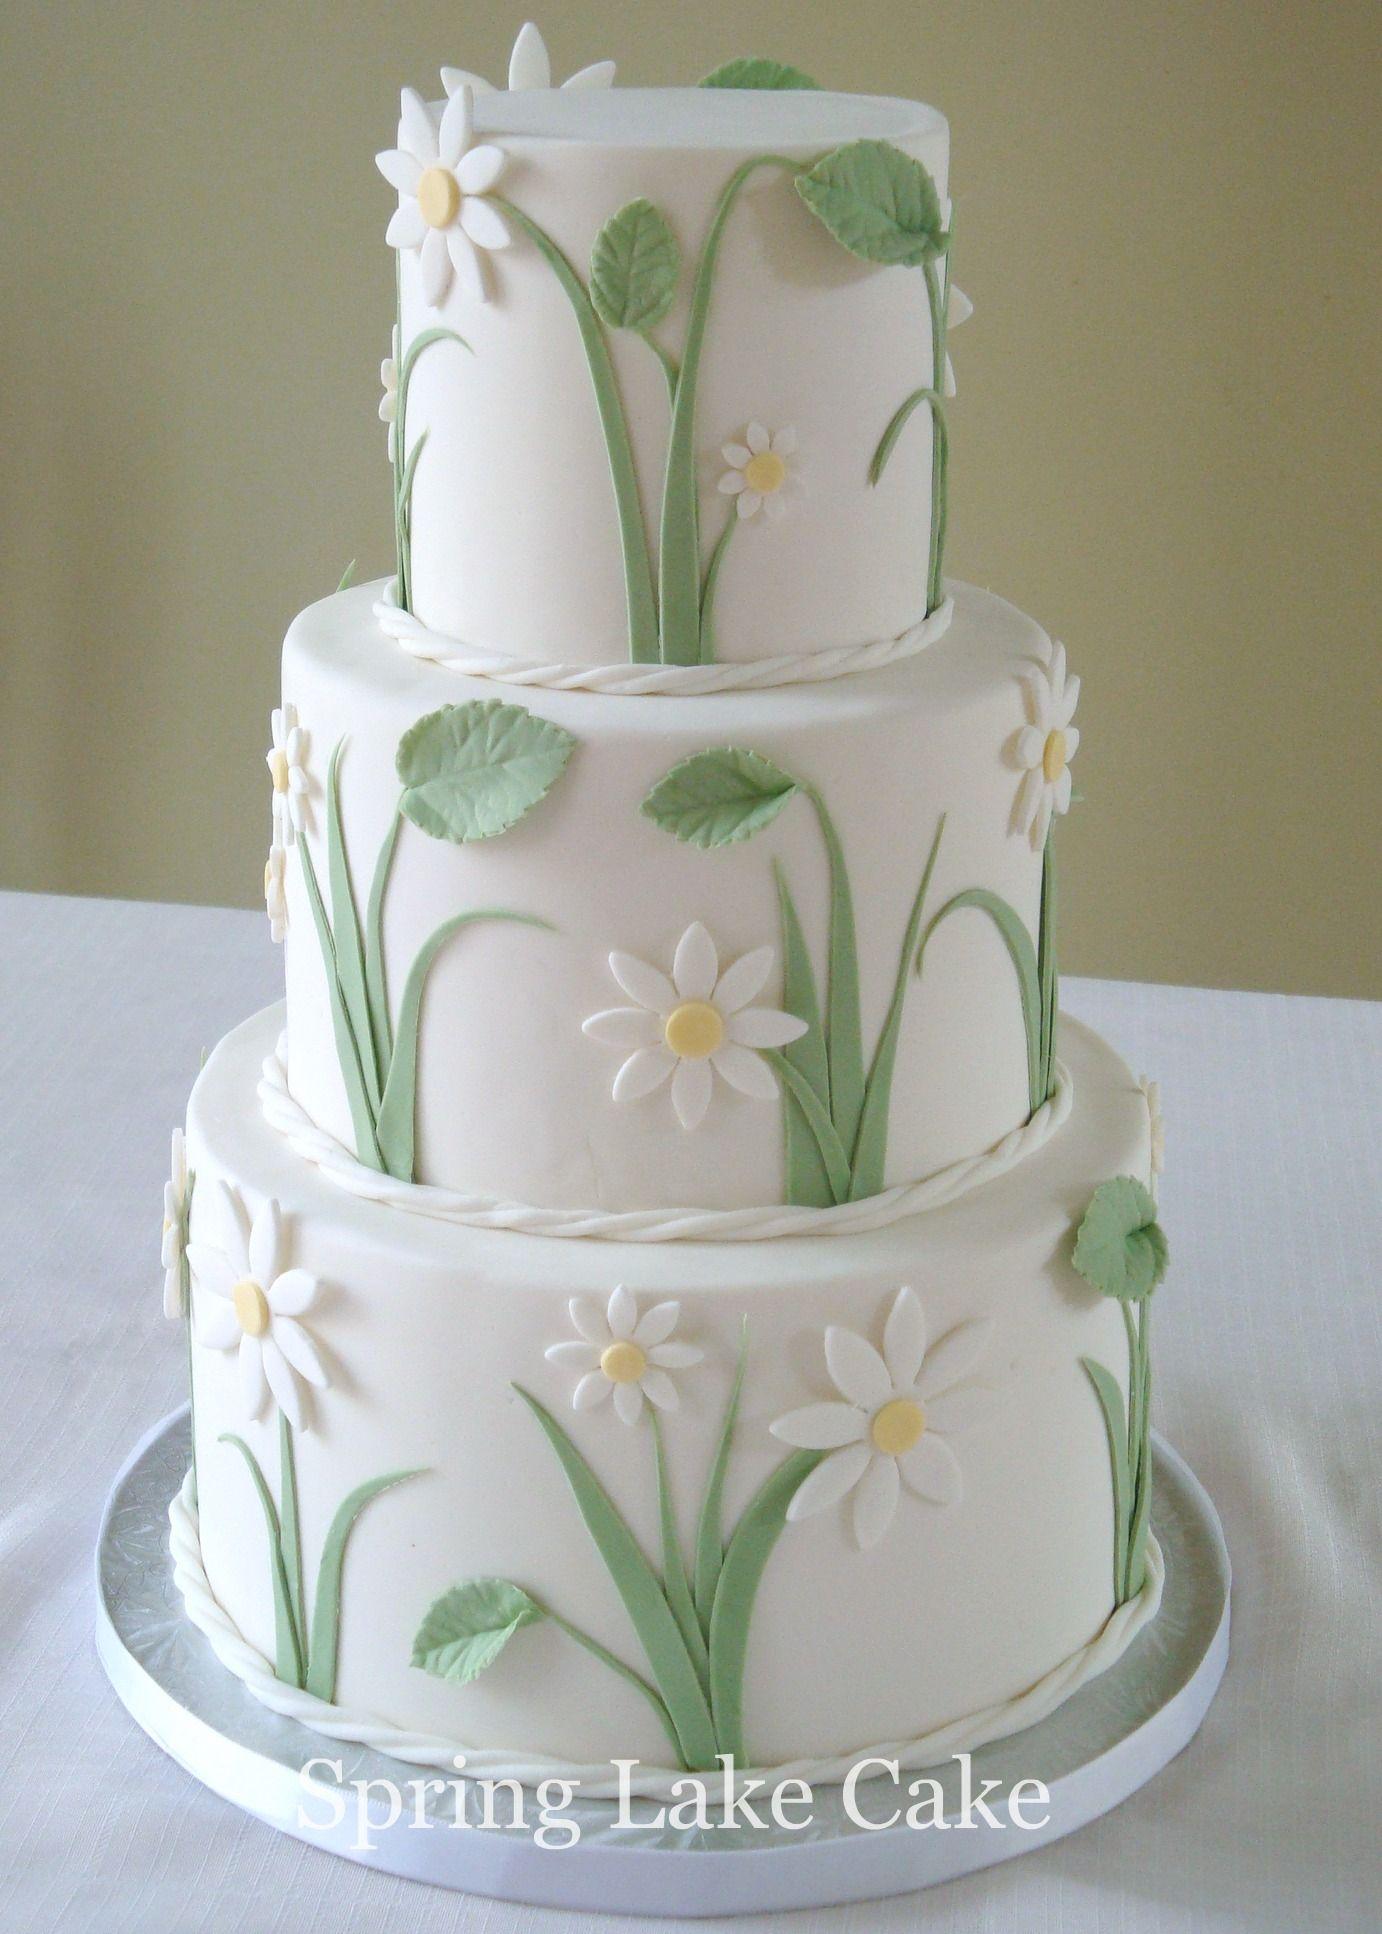 Daisy Wedding Cake A Small Wedding Cake 4 6 8 Inch